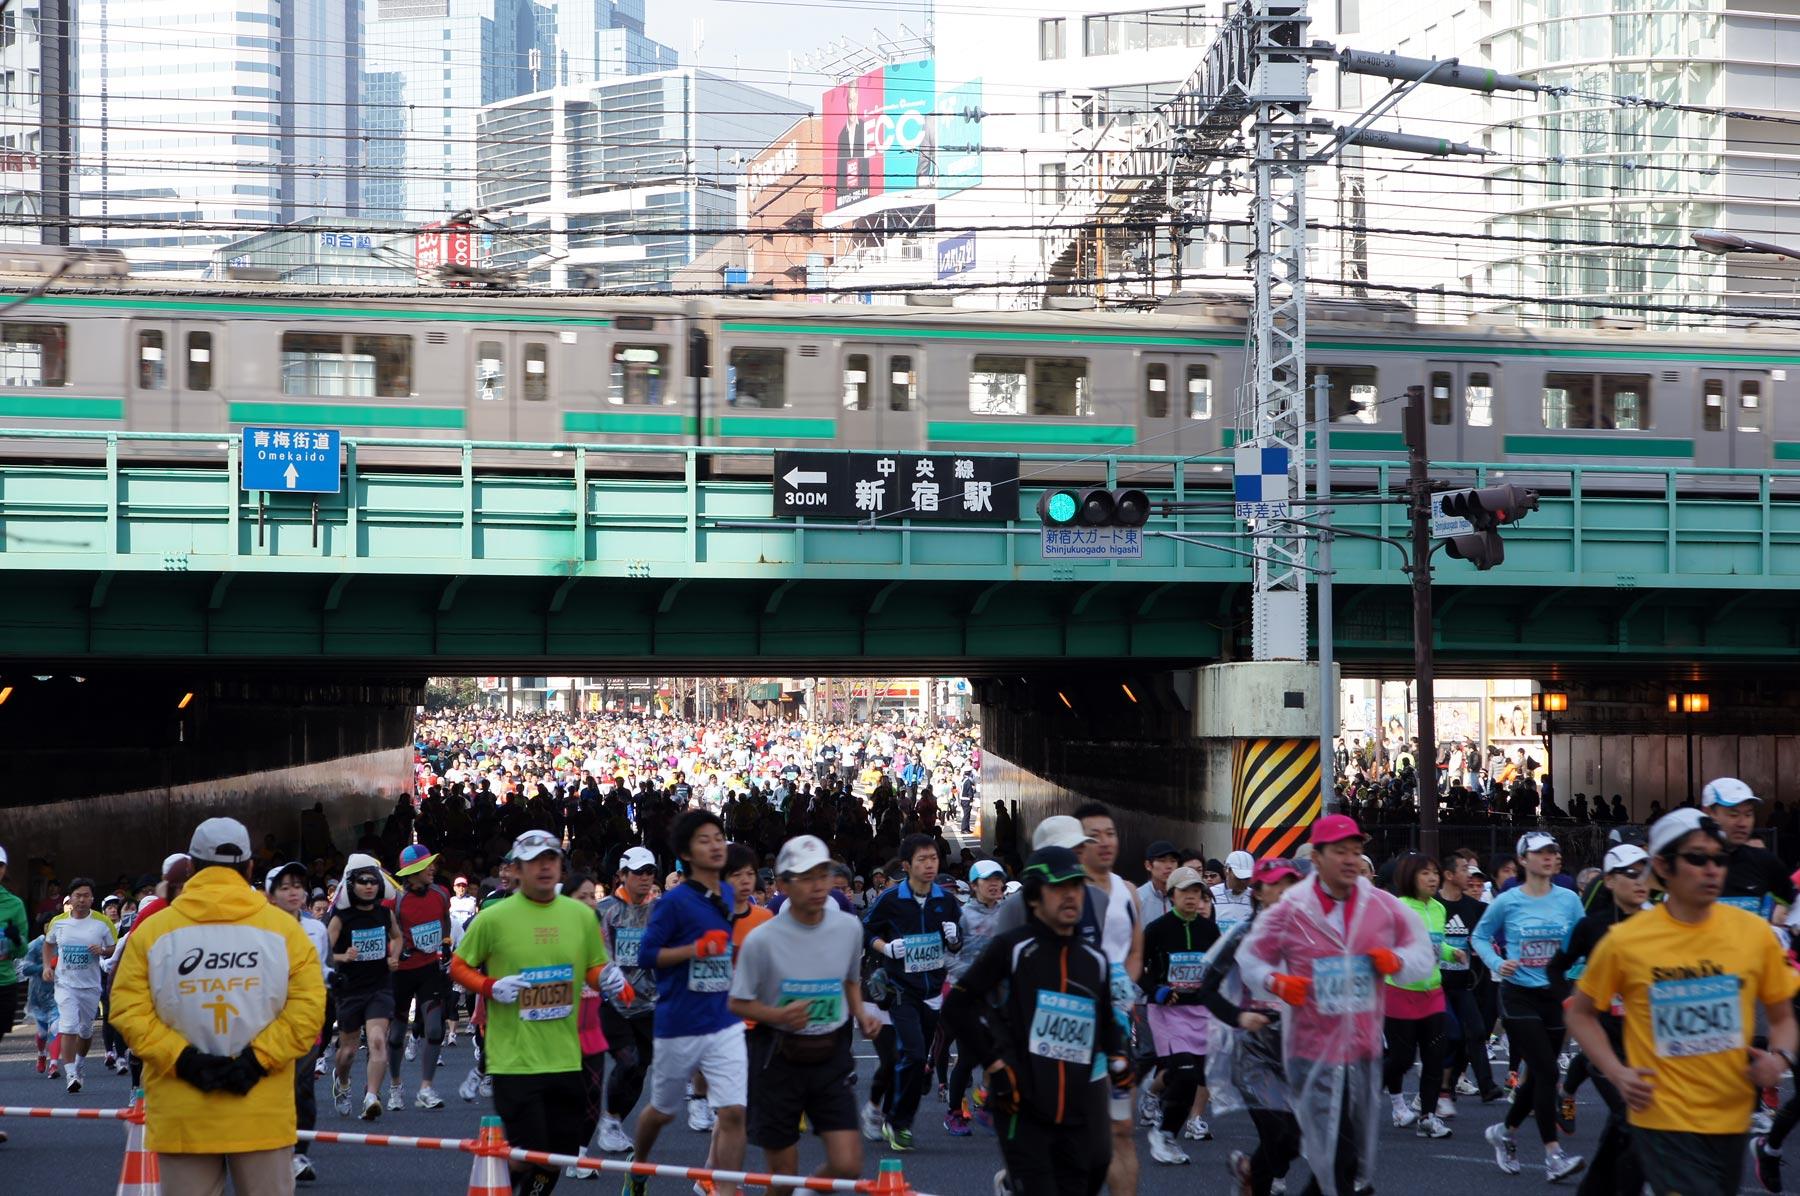 歌舞伎町 東京マラソン_e0216133_22543738.jpg